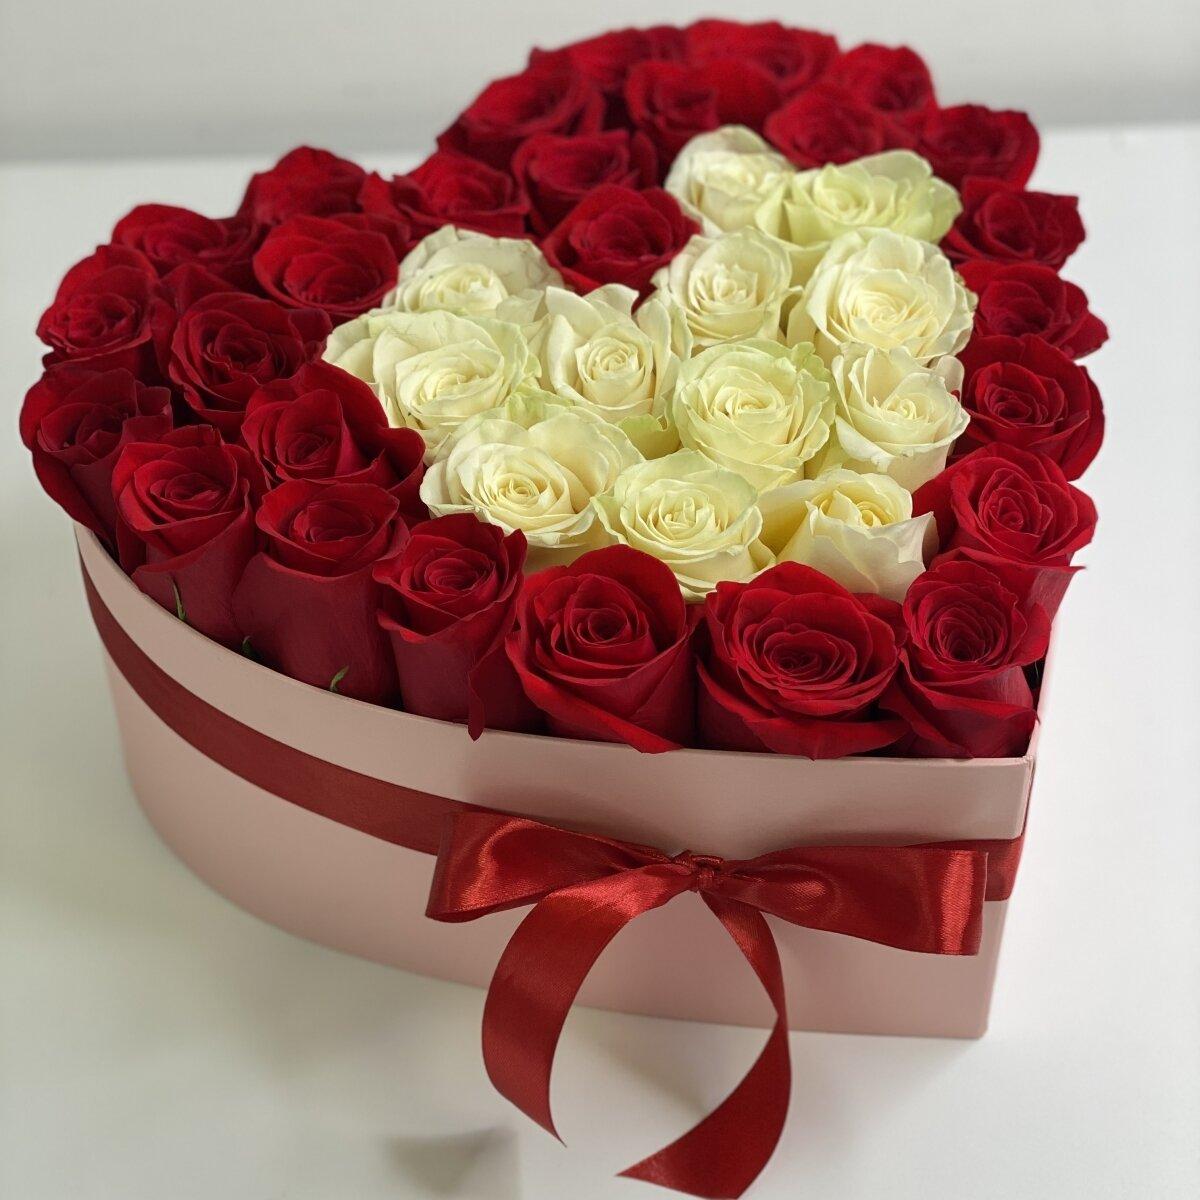 Коробка сердце Патриция из белых и красных роз